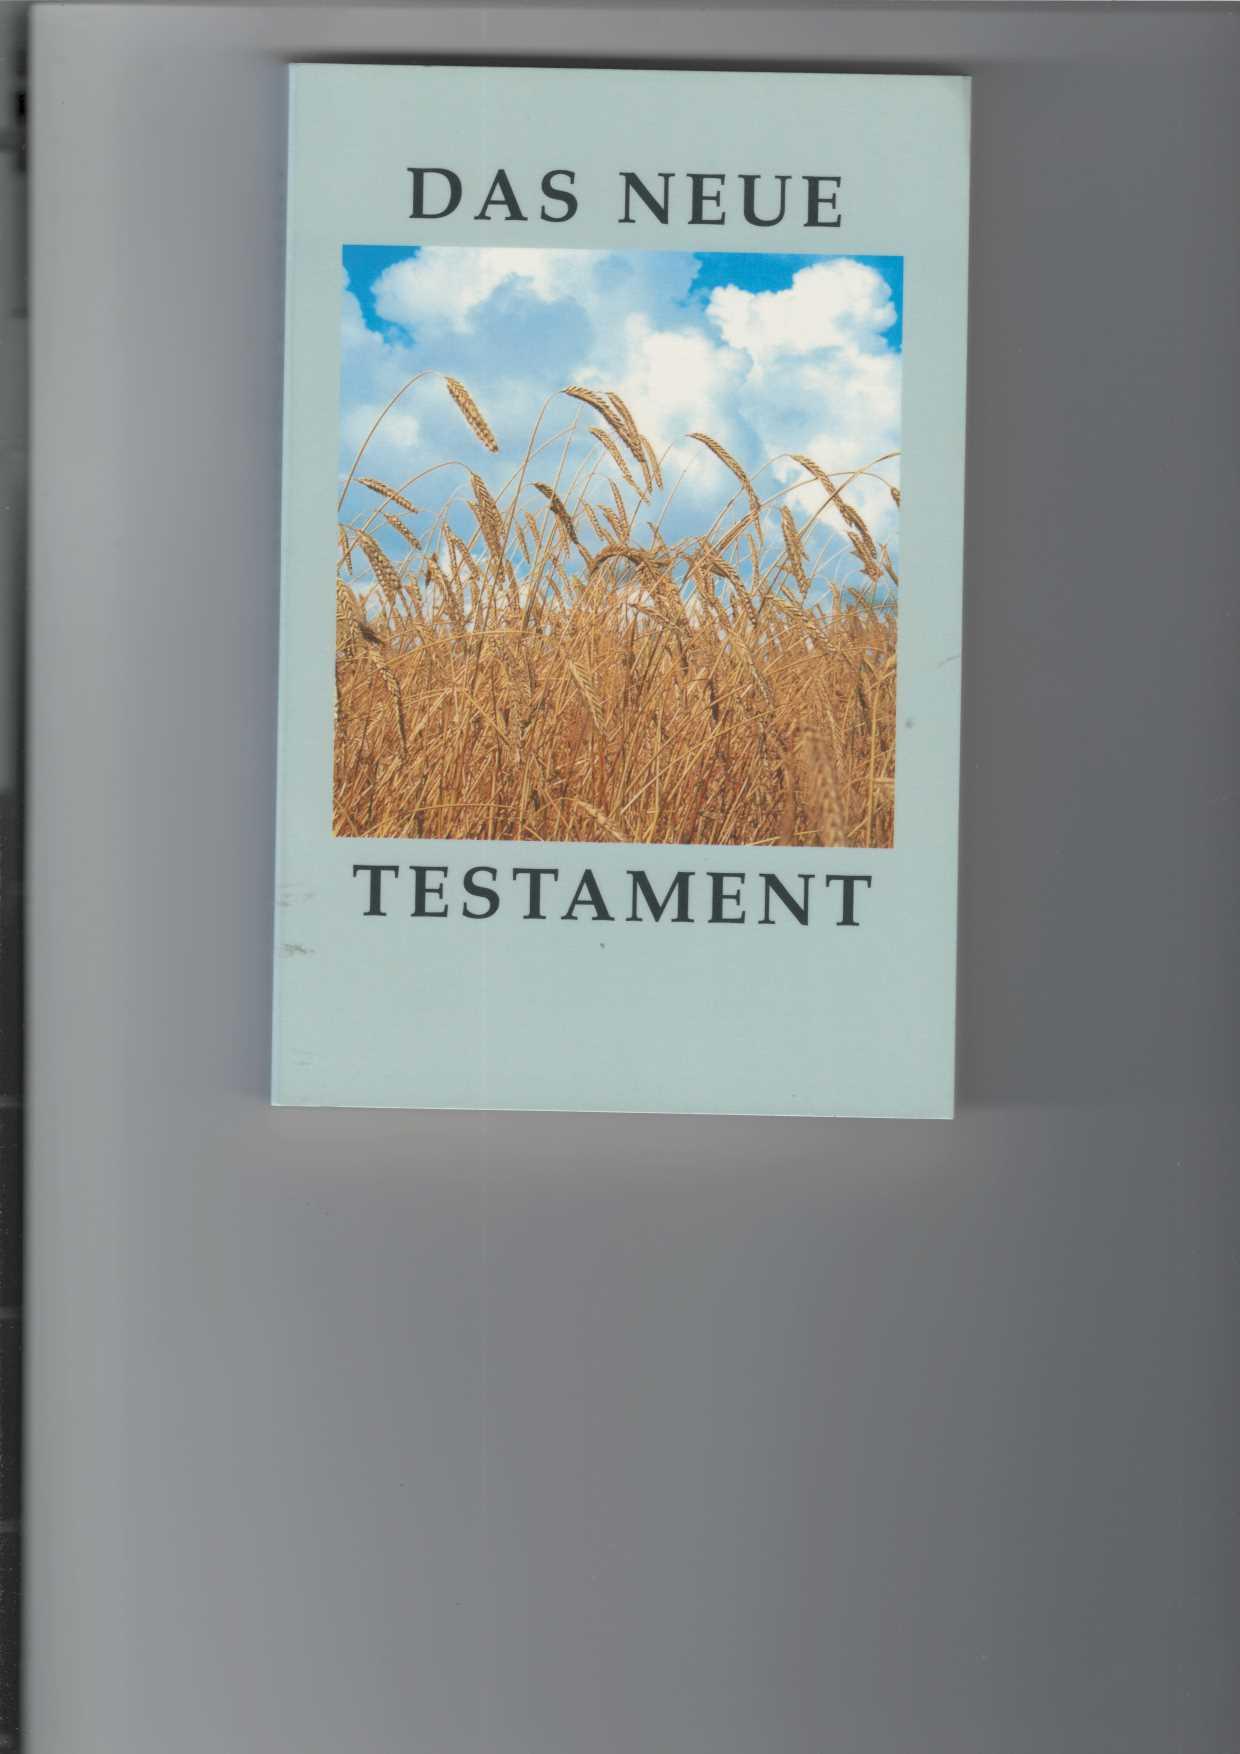 Das Neue Testament. Elberfelder Übersetzung. 7. Auflage; 6. Sonderausgabe für Verbreitung der Heiligen Schrift, Eschenburg (VdHS).